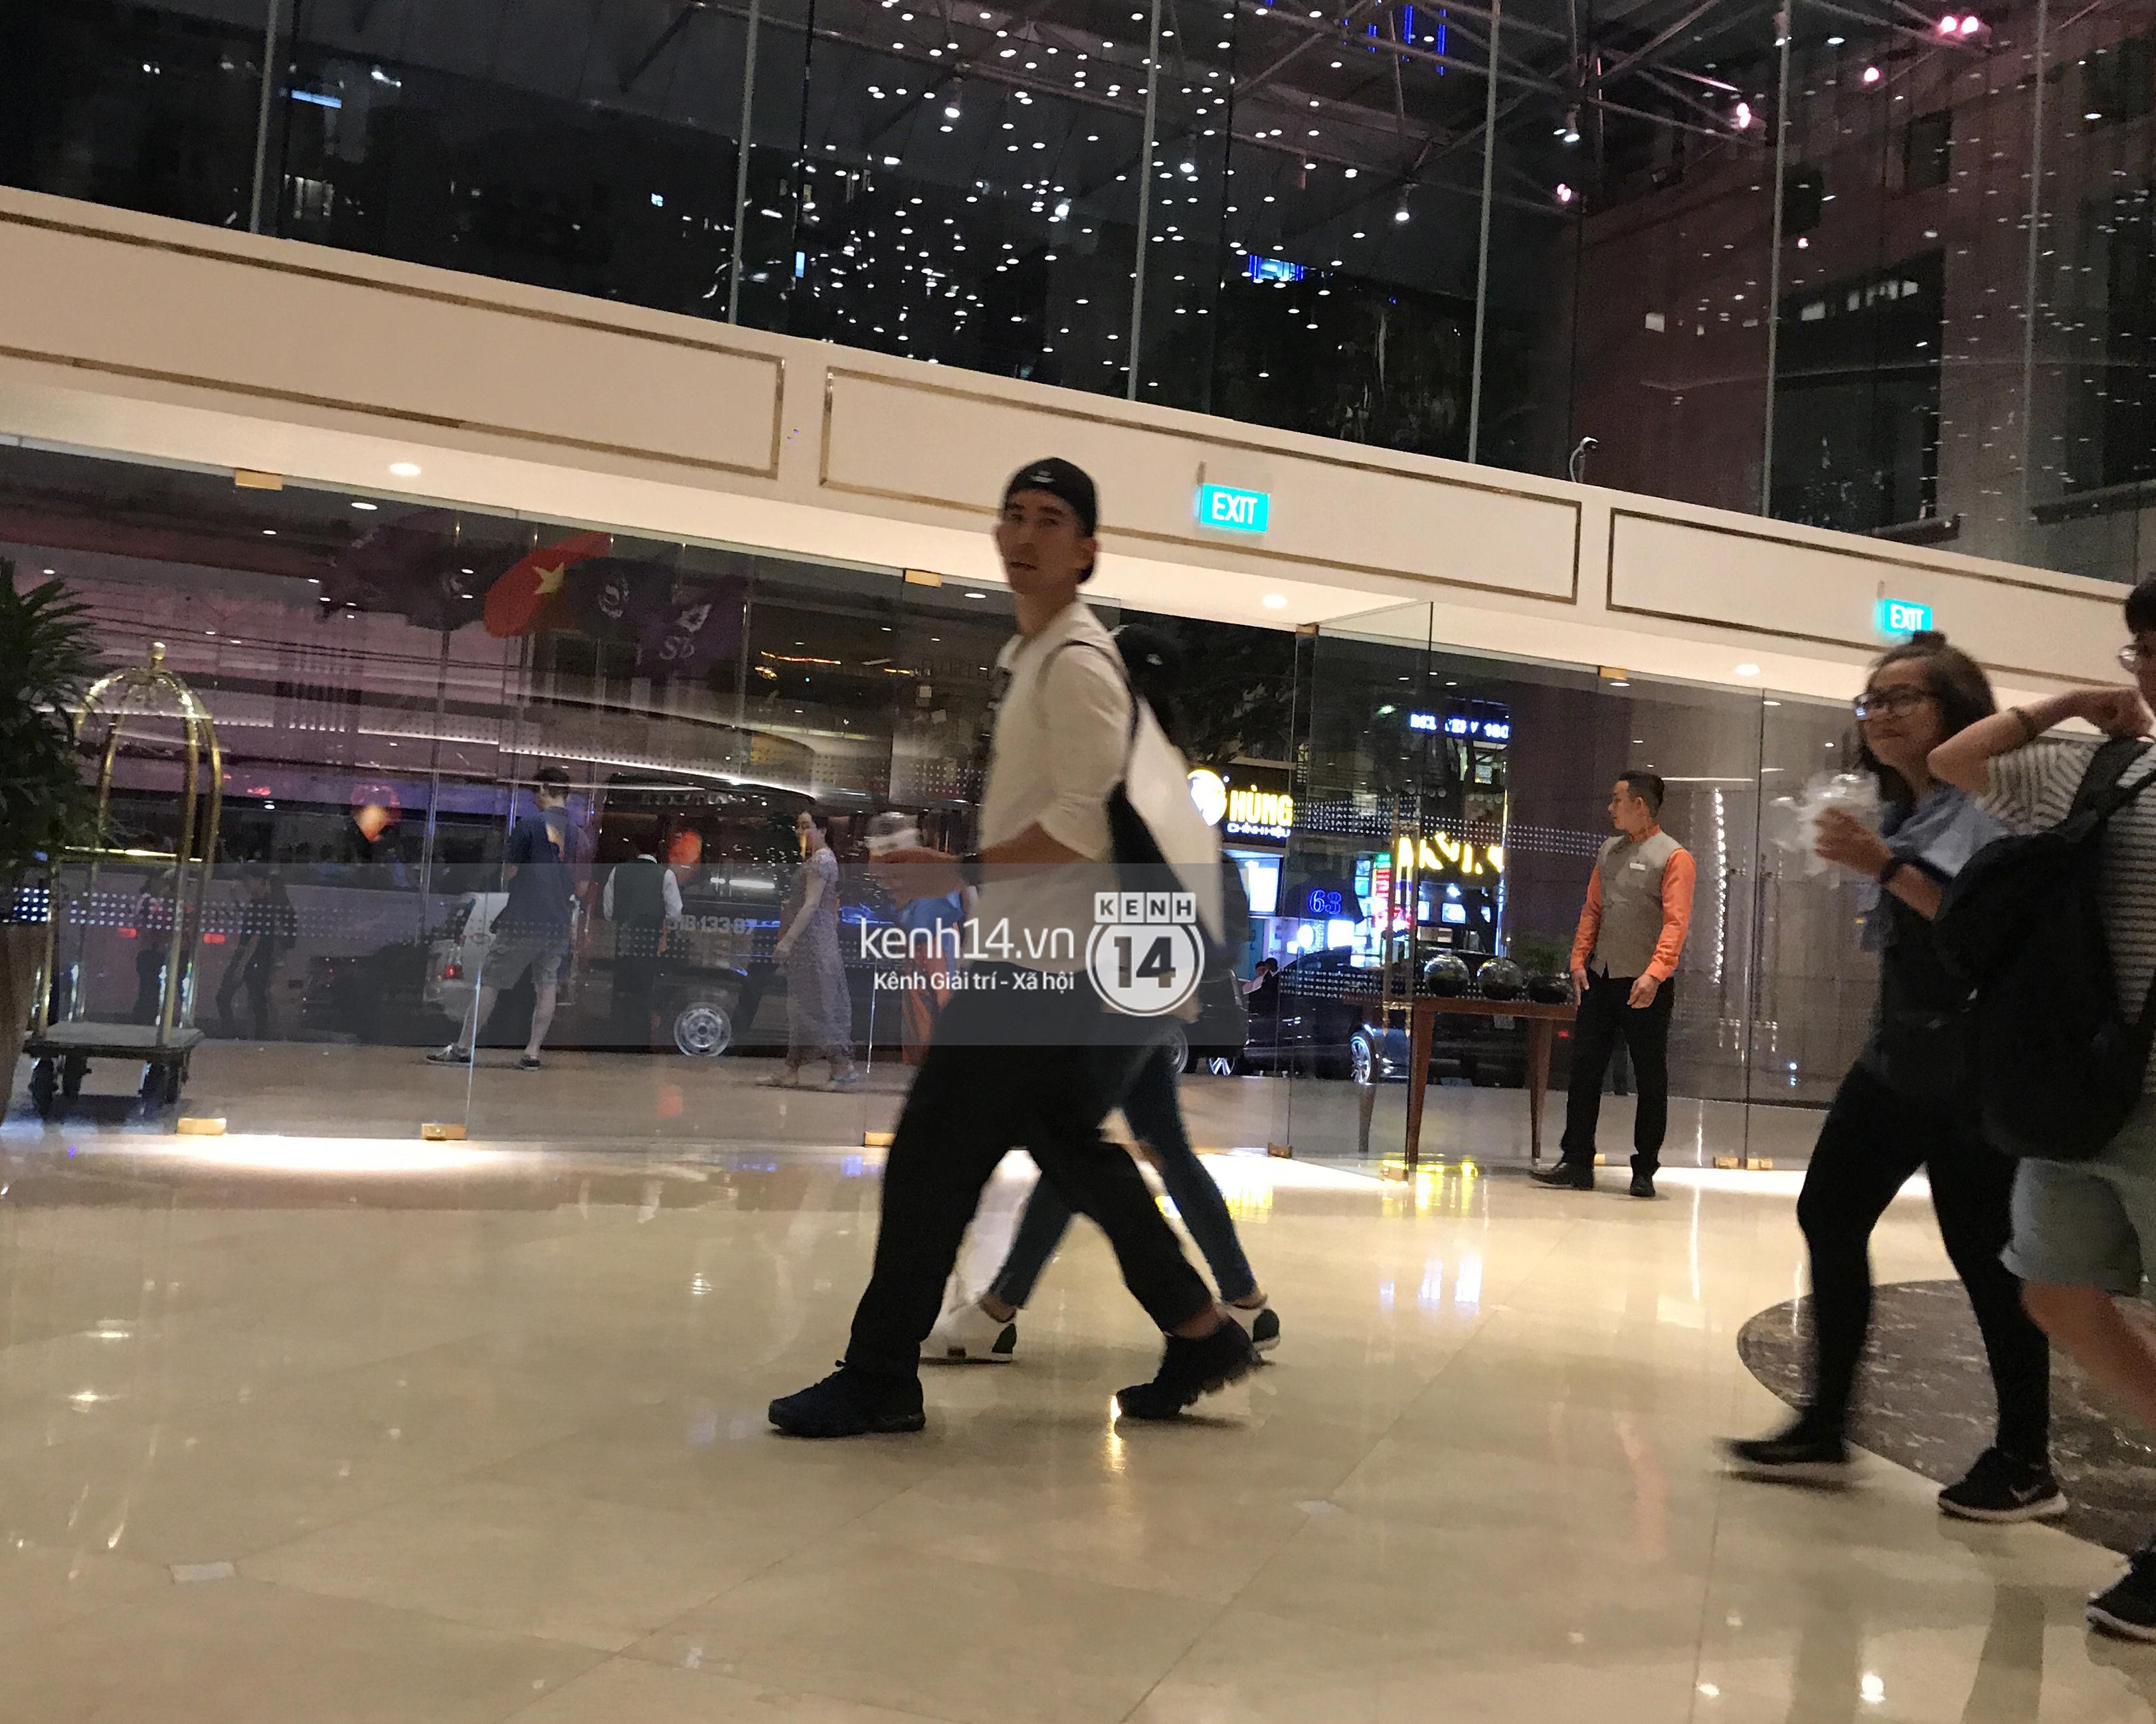 ĐỘC QUYỀN: Vợ chồng Triệu Mẫn Giả Tịnh Văn bất ngờ khi bị bắt gặp tại khách sạn Sài Gòn - Ảnh 4.